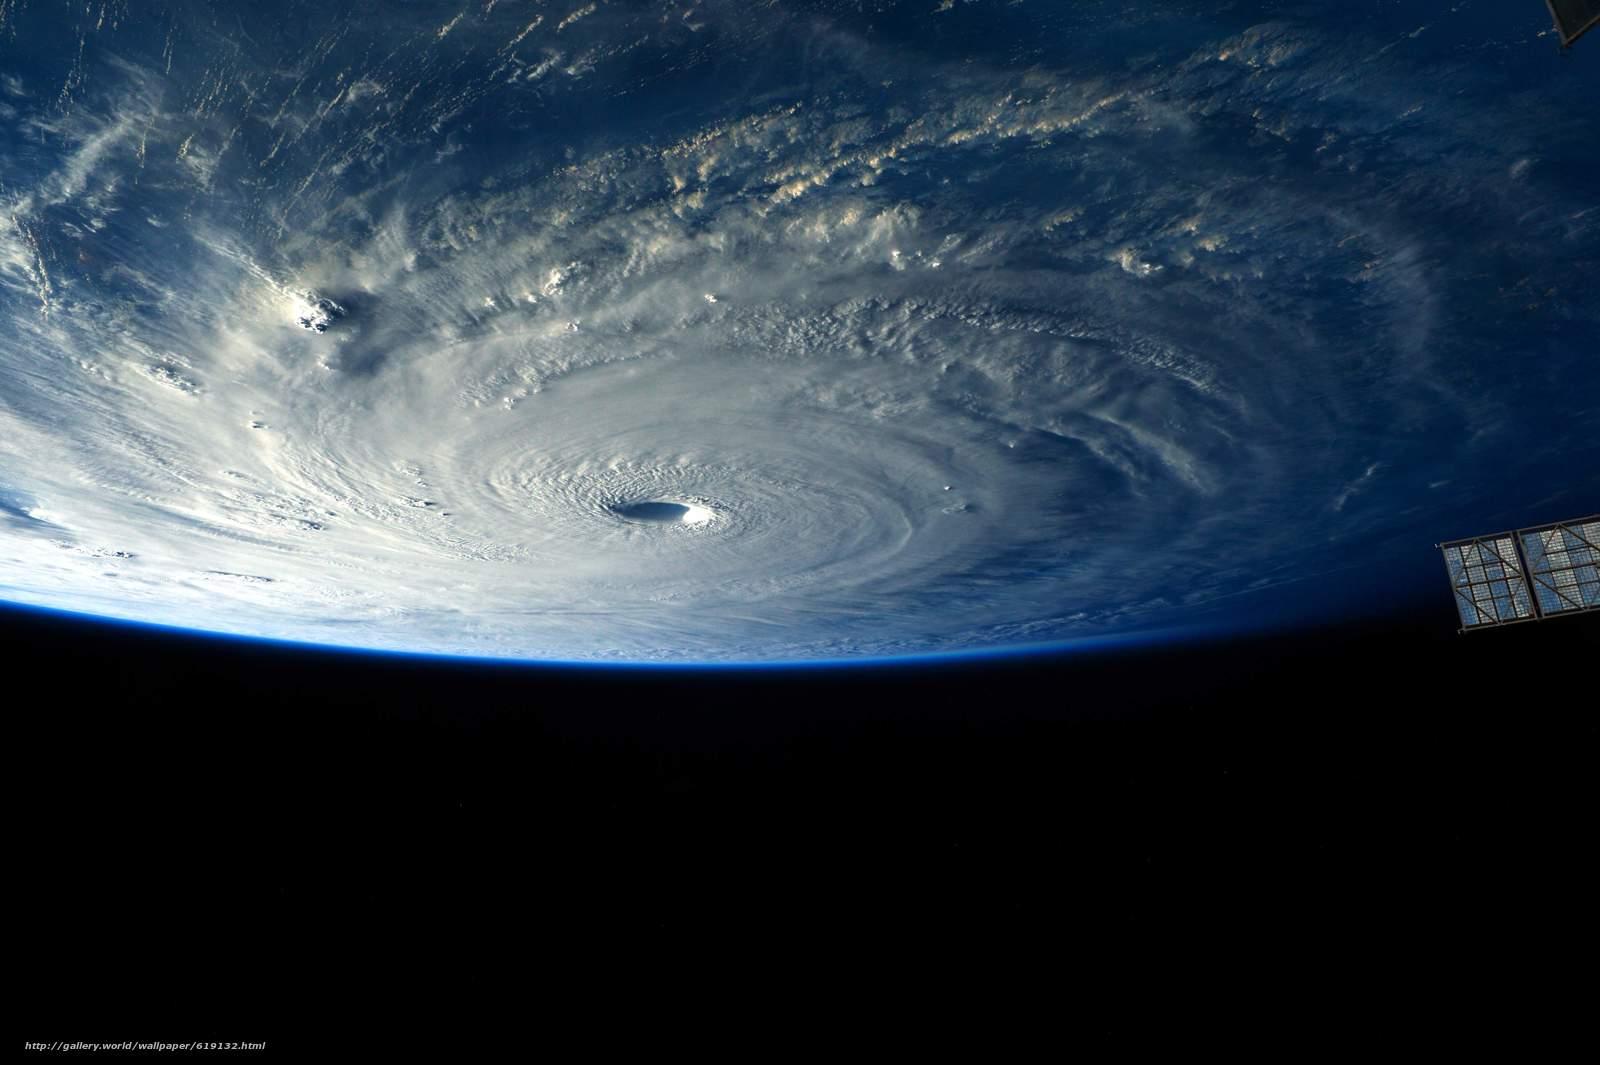 снимки из космоса погода